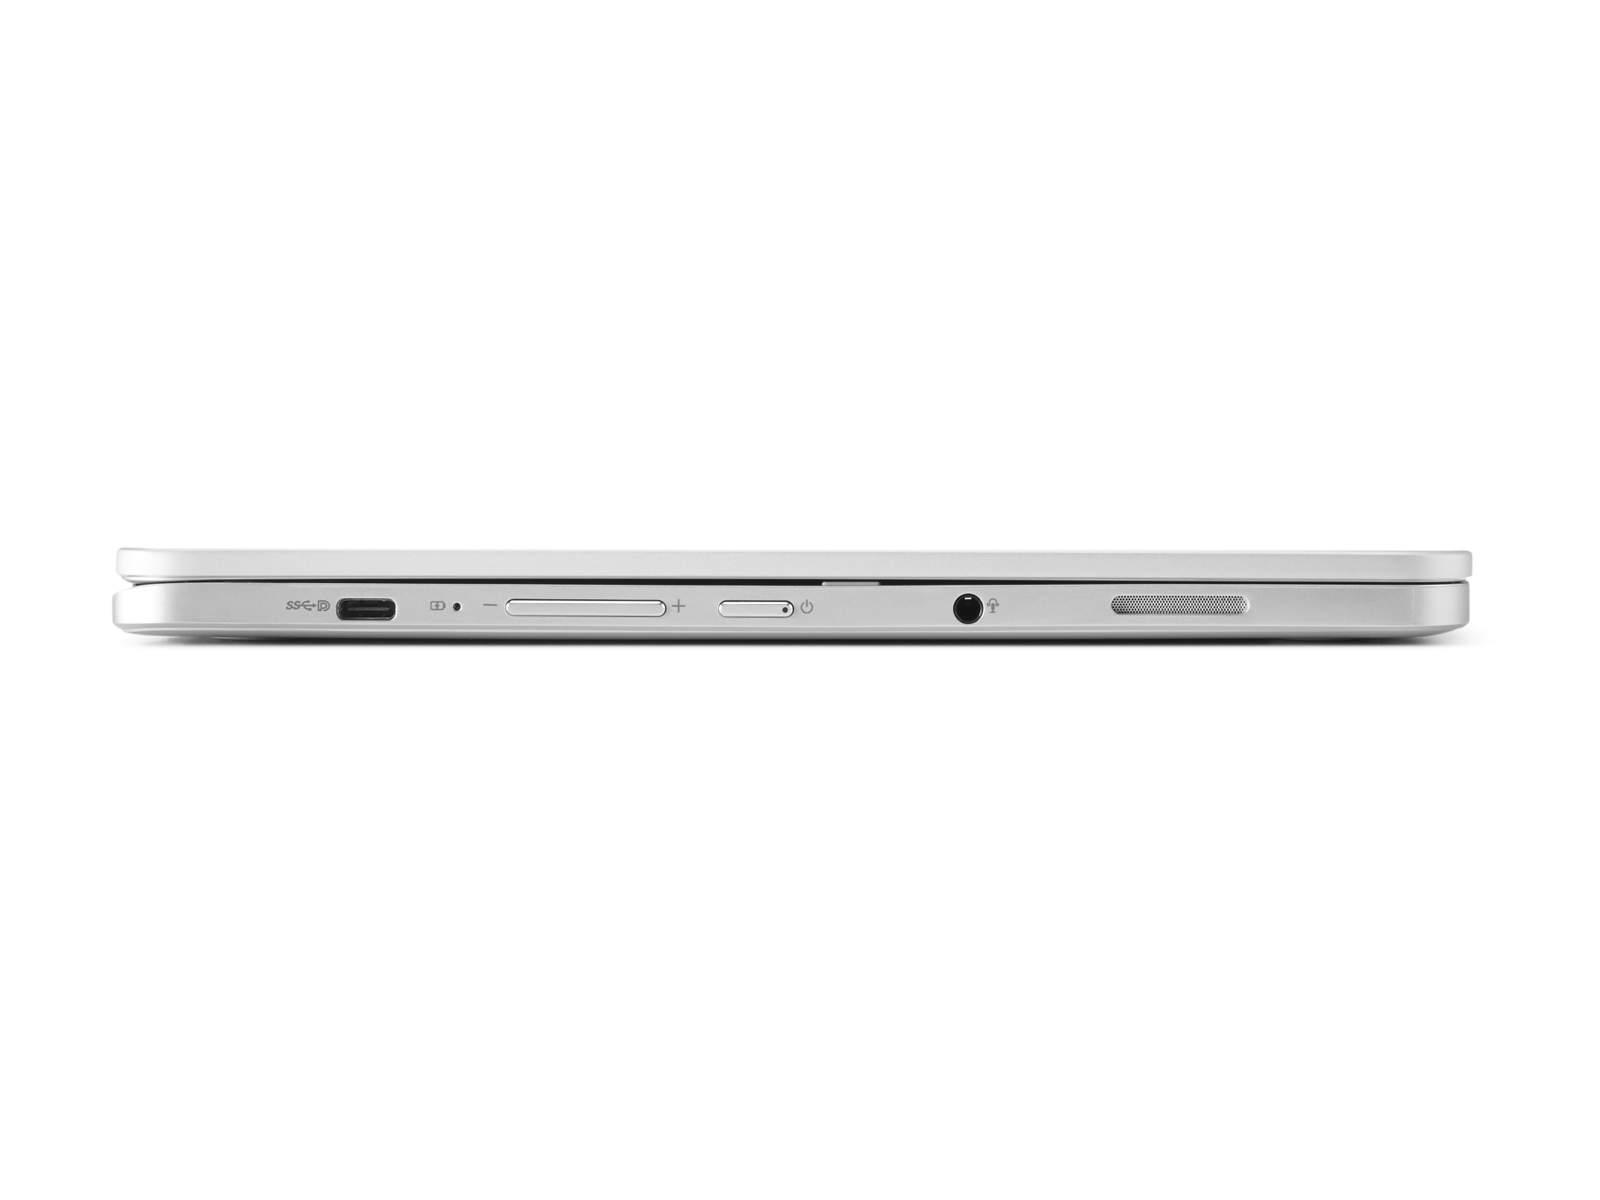 Asus Chromebook Flip C302 - photo 8